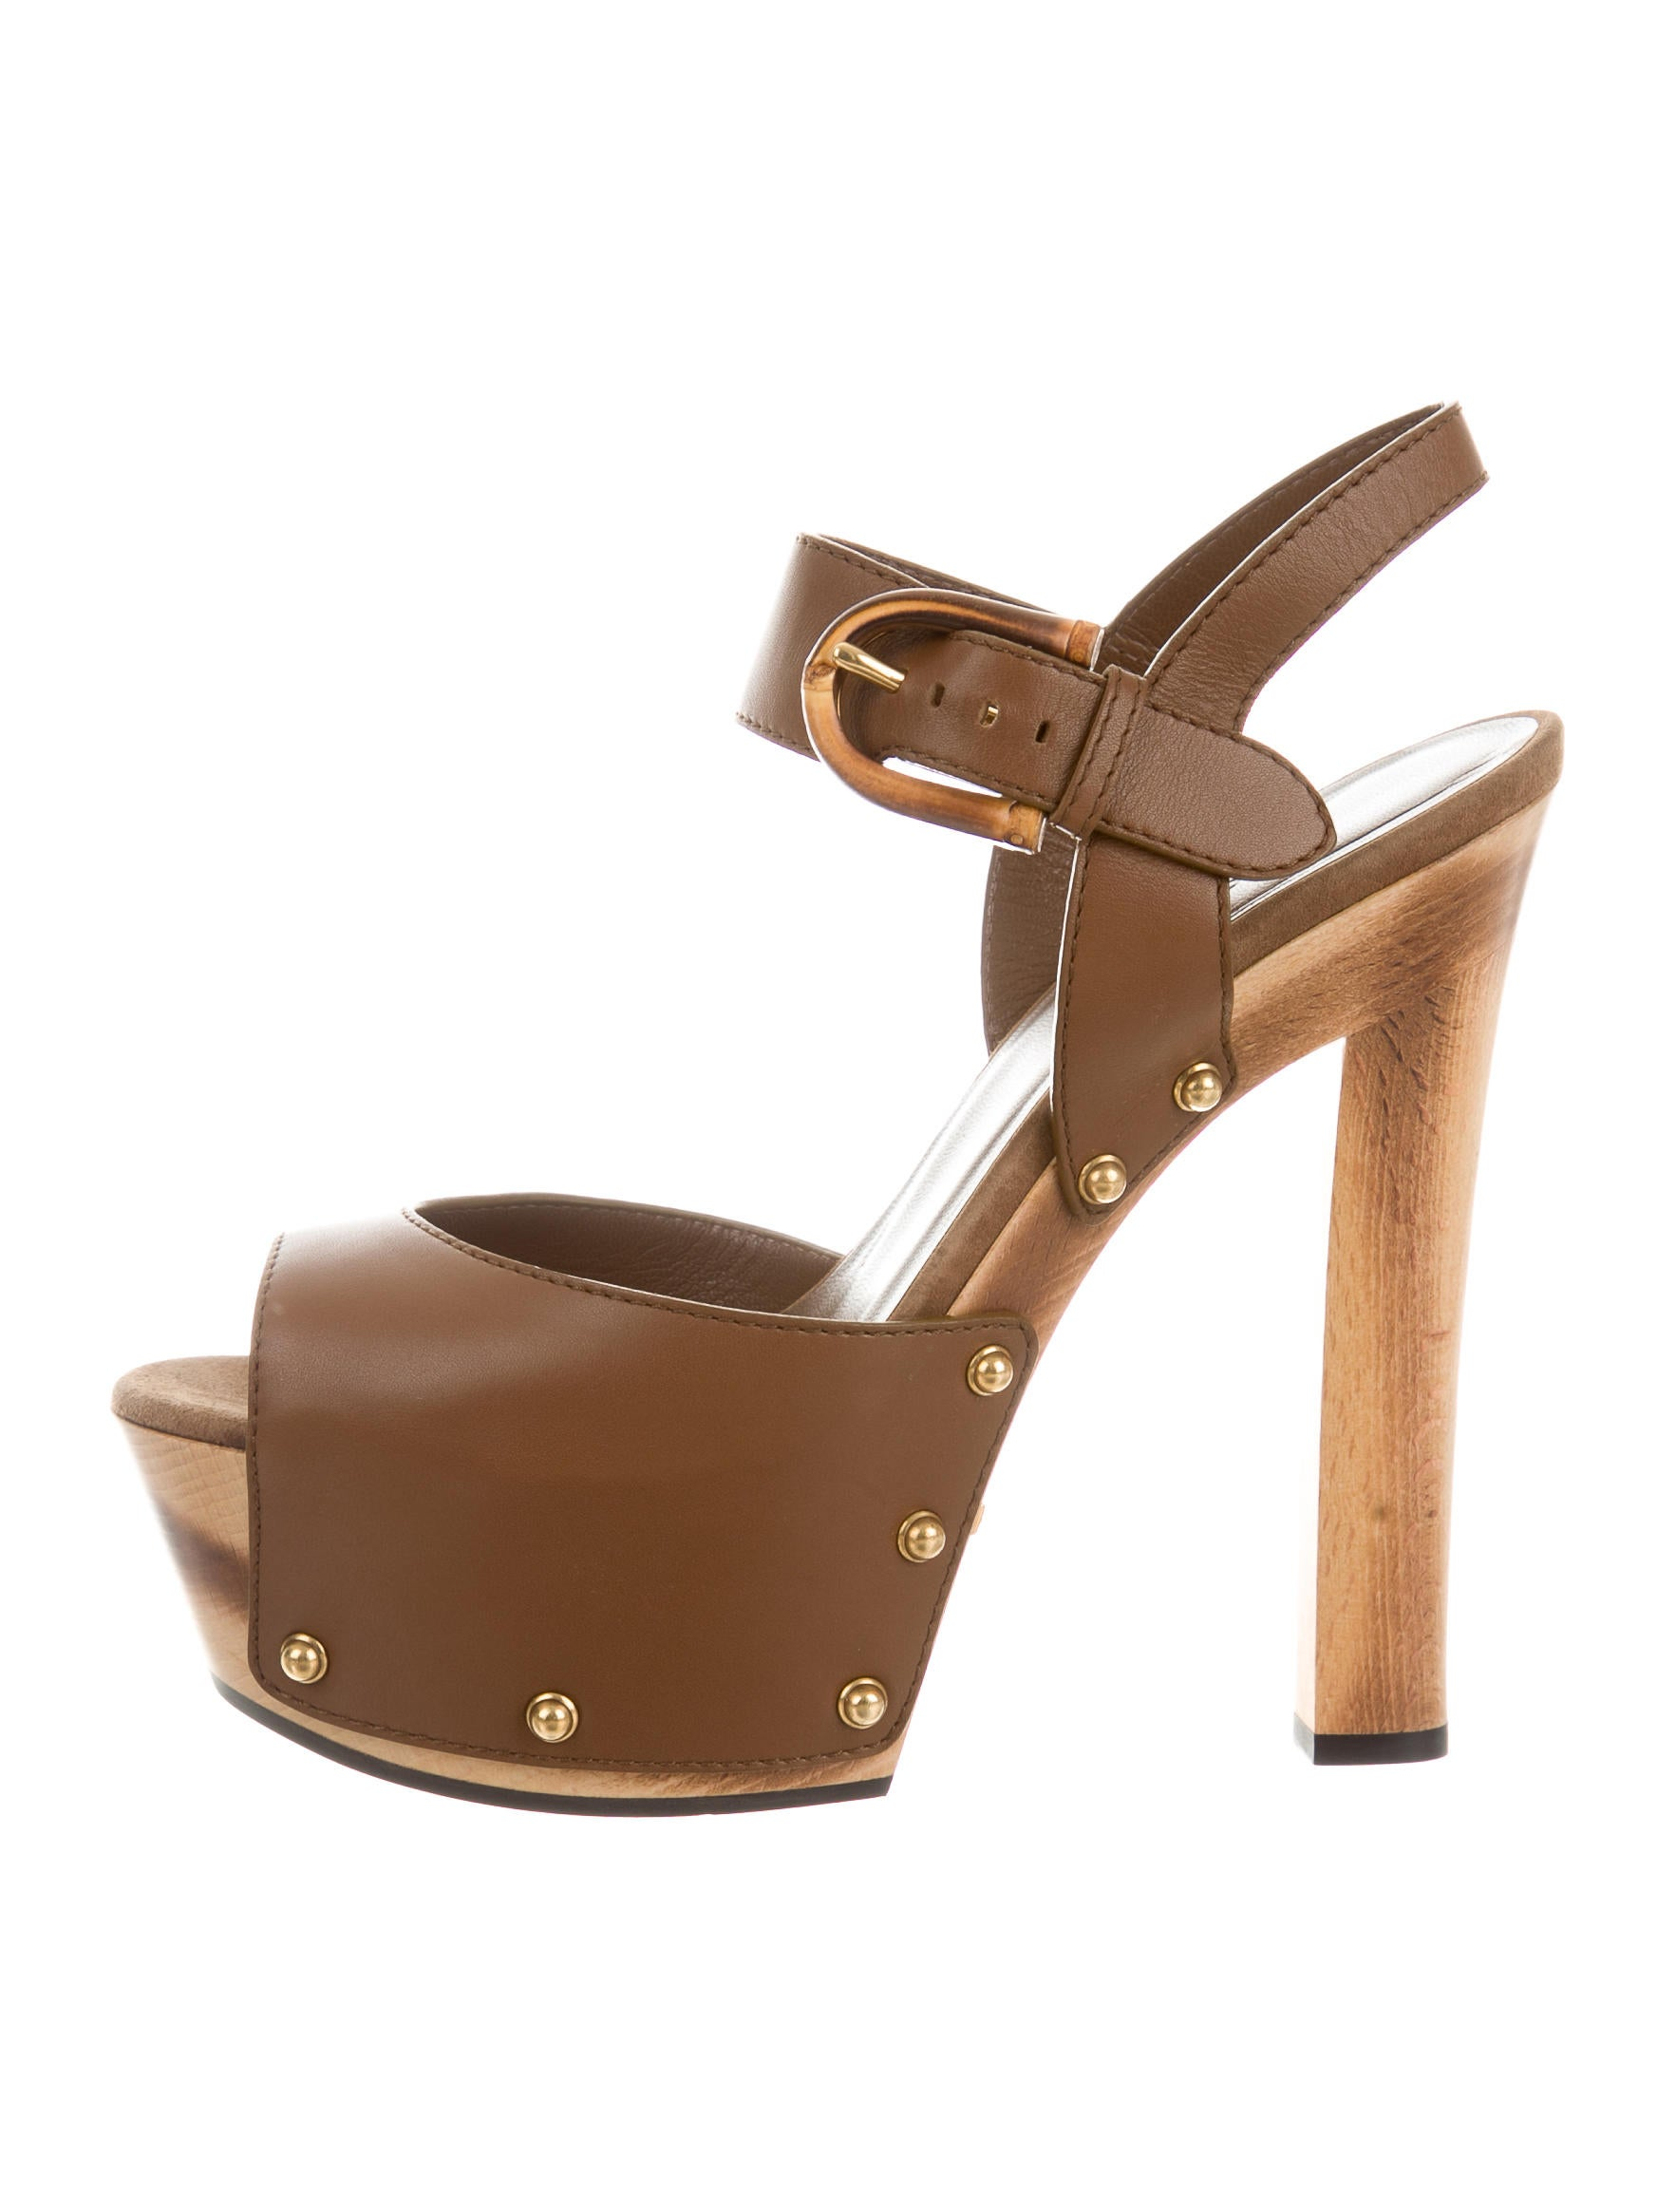 df6ca4c37b3 Gucci Leather Platform Ankle Strap Sandals - Shoes - GUC128336